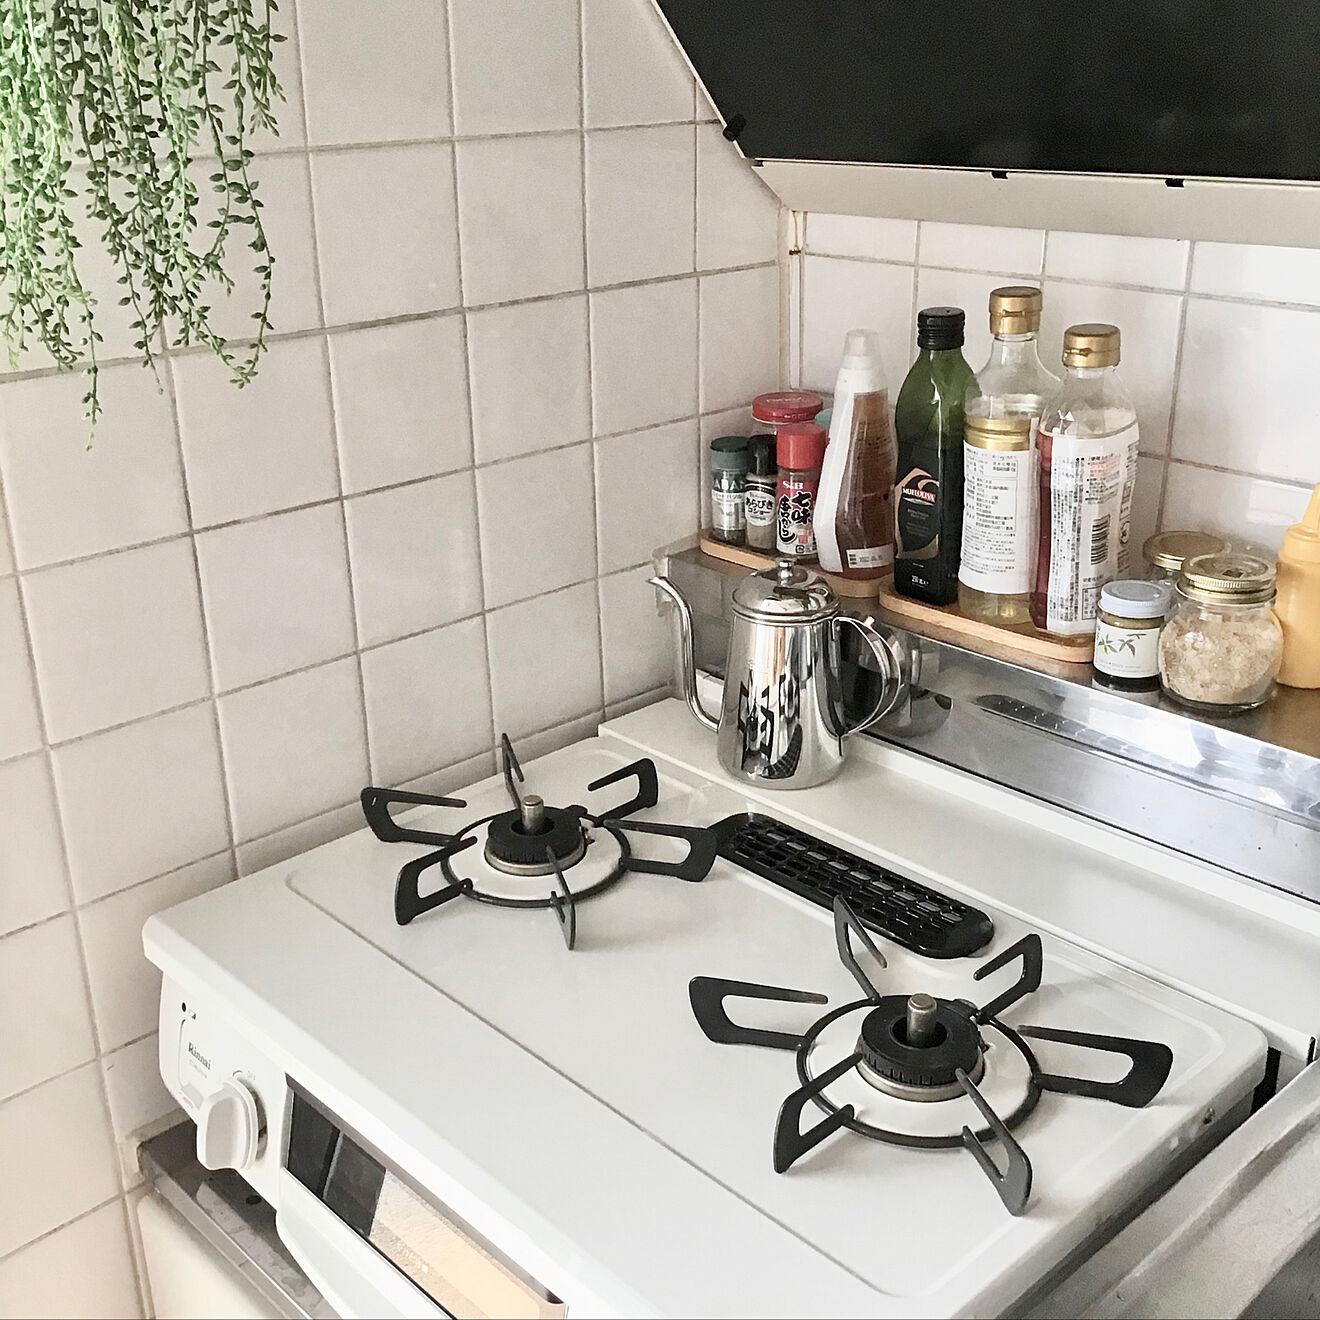 「普通のガス2口コンロ」が置けるキッチンで、料理をする時間は前の部屋の時よりもずっと増えたそう。